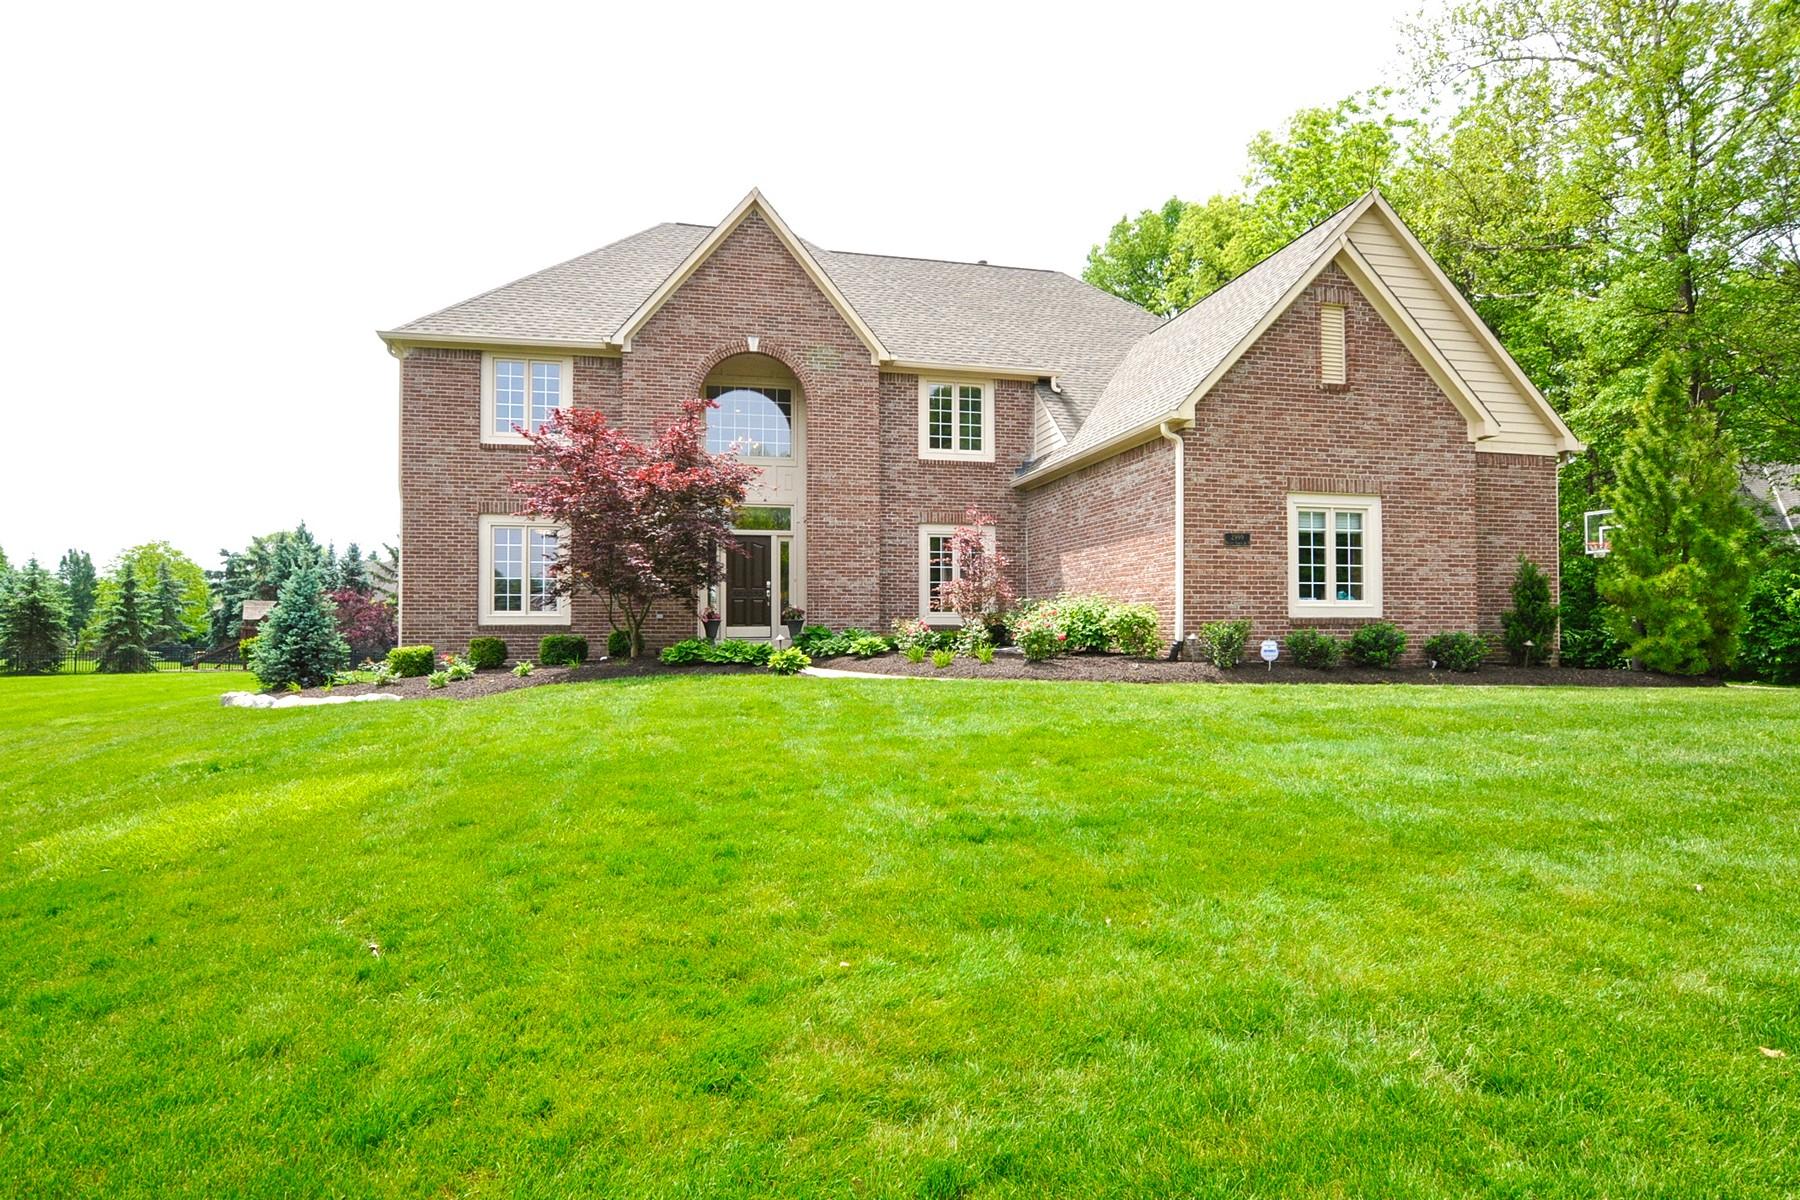 단독 가정 주택 용 매매 에 Beautifully Updated Home 2999 Walnut Creek Drive Carmel, 인디애나, 46032 미국